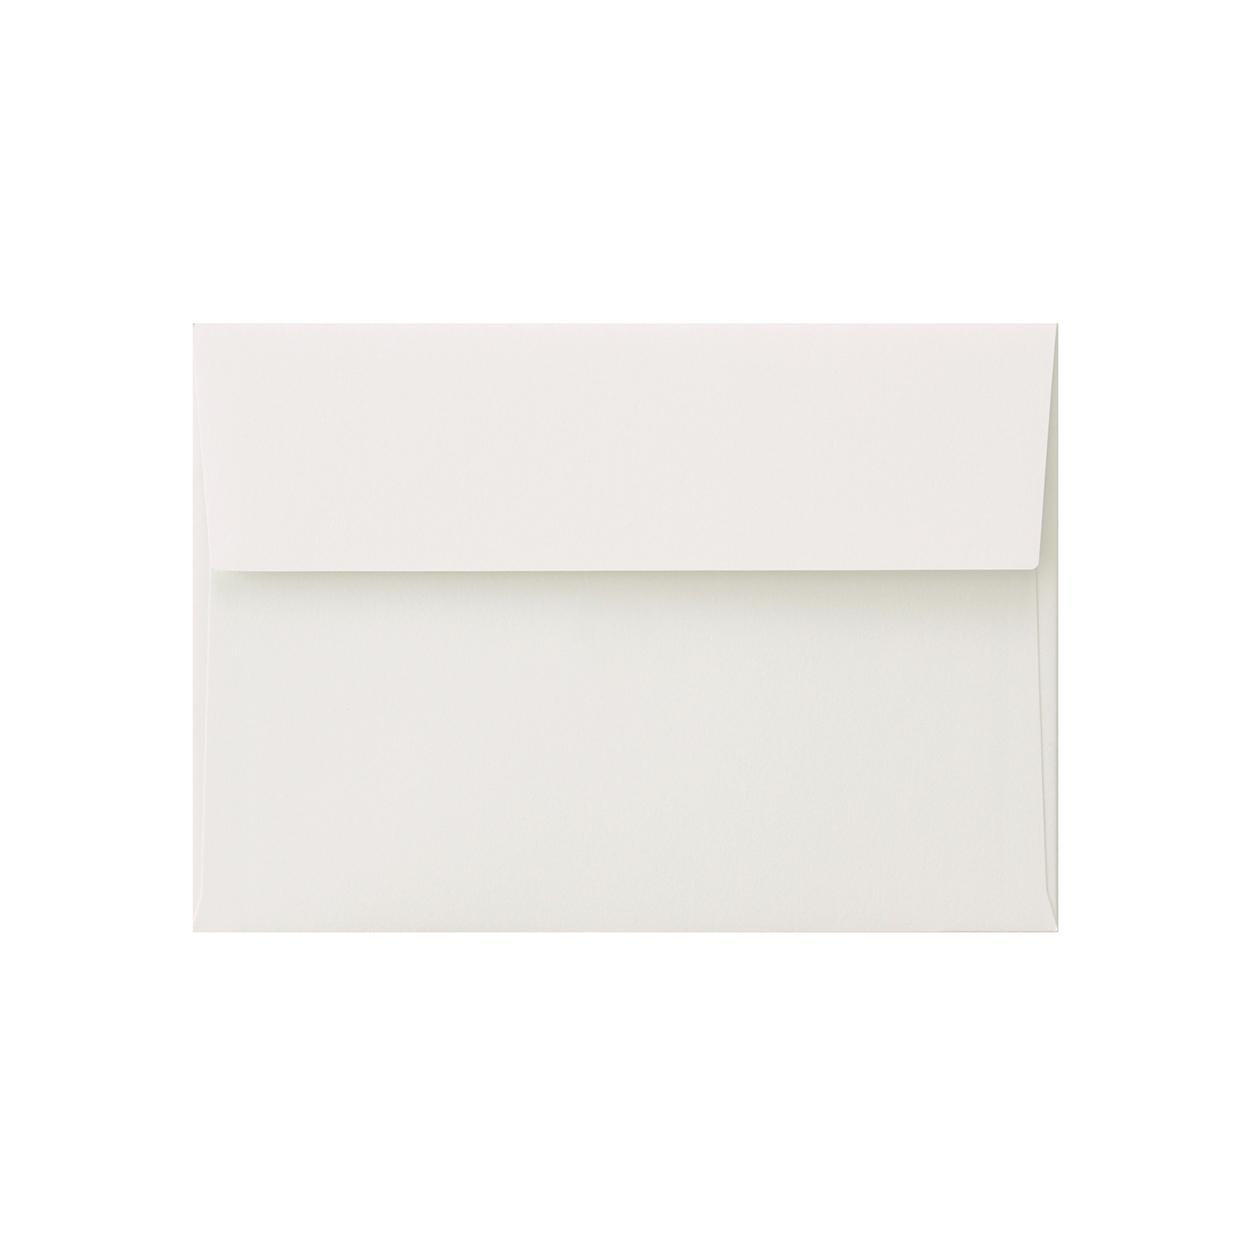 洋2カマス封筒 コットン ライトグレイ 116.3g